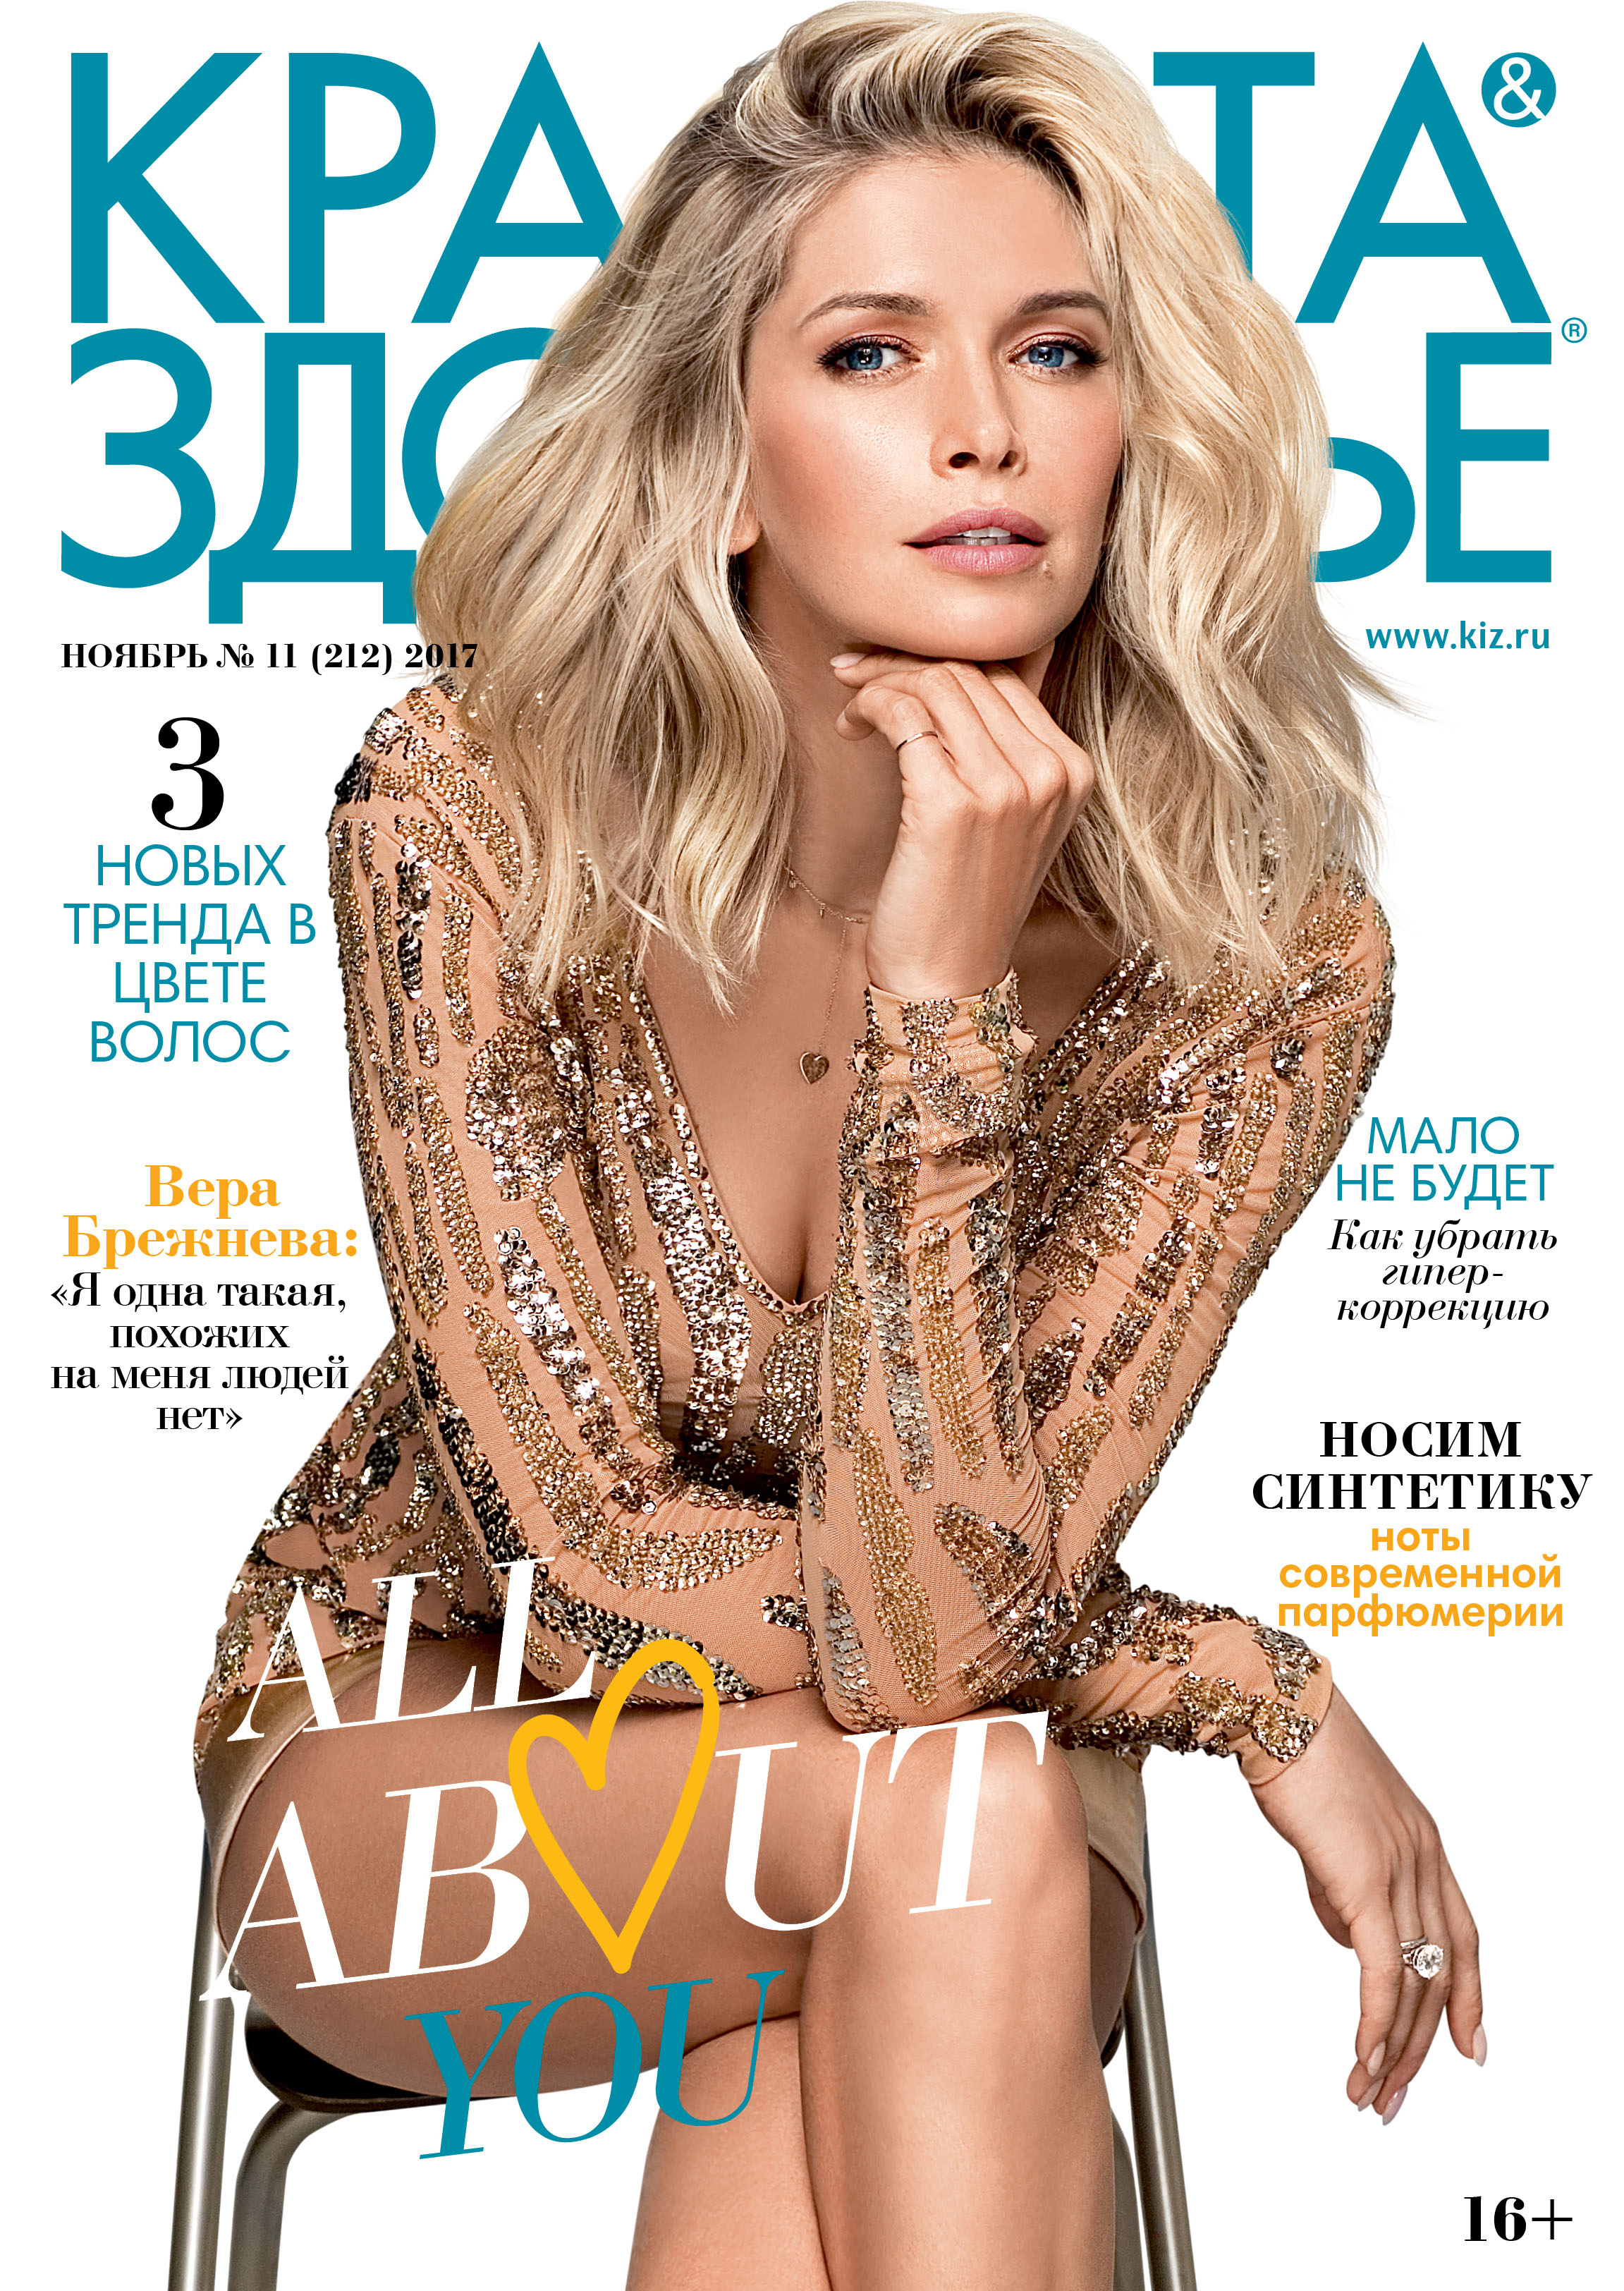 Красота и здоровье Журнал Красота и здоровье №11 красота и здоровье журнал красота и здоровье 11